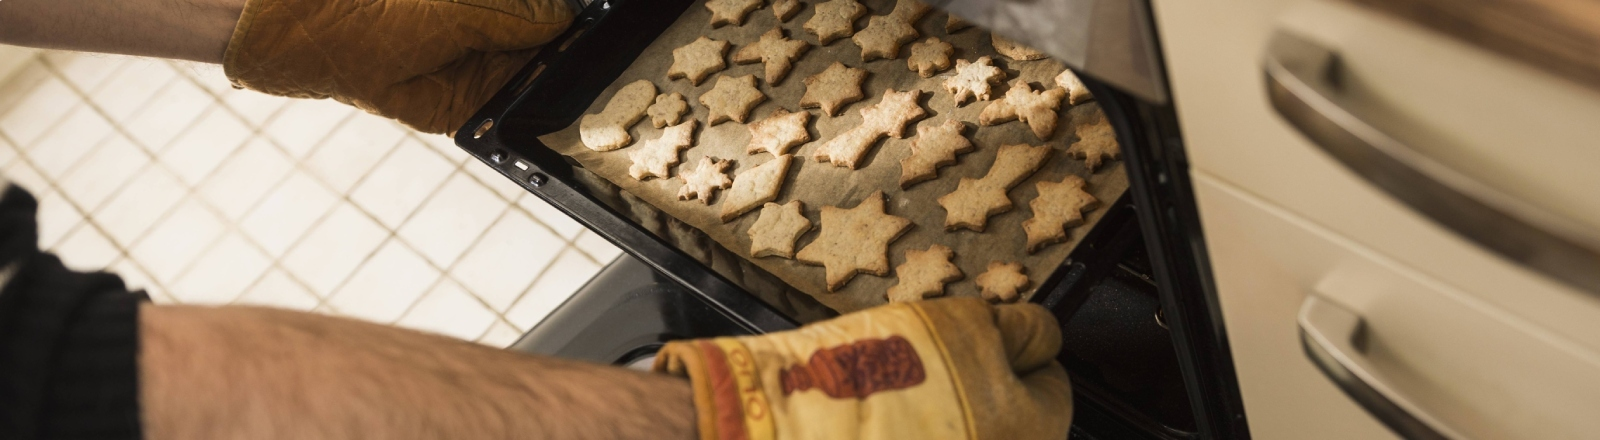 Ein Blech voller Sterne: fertige Plätzchen werden aus dem Ofen geholt